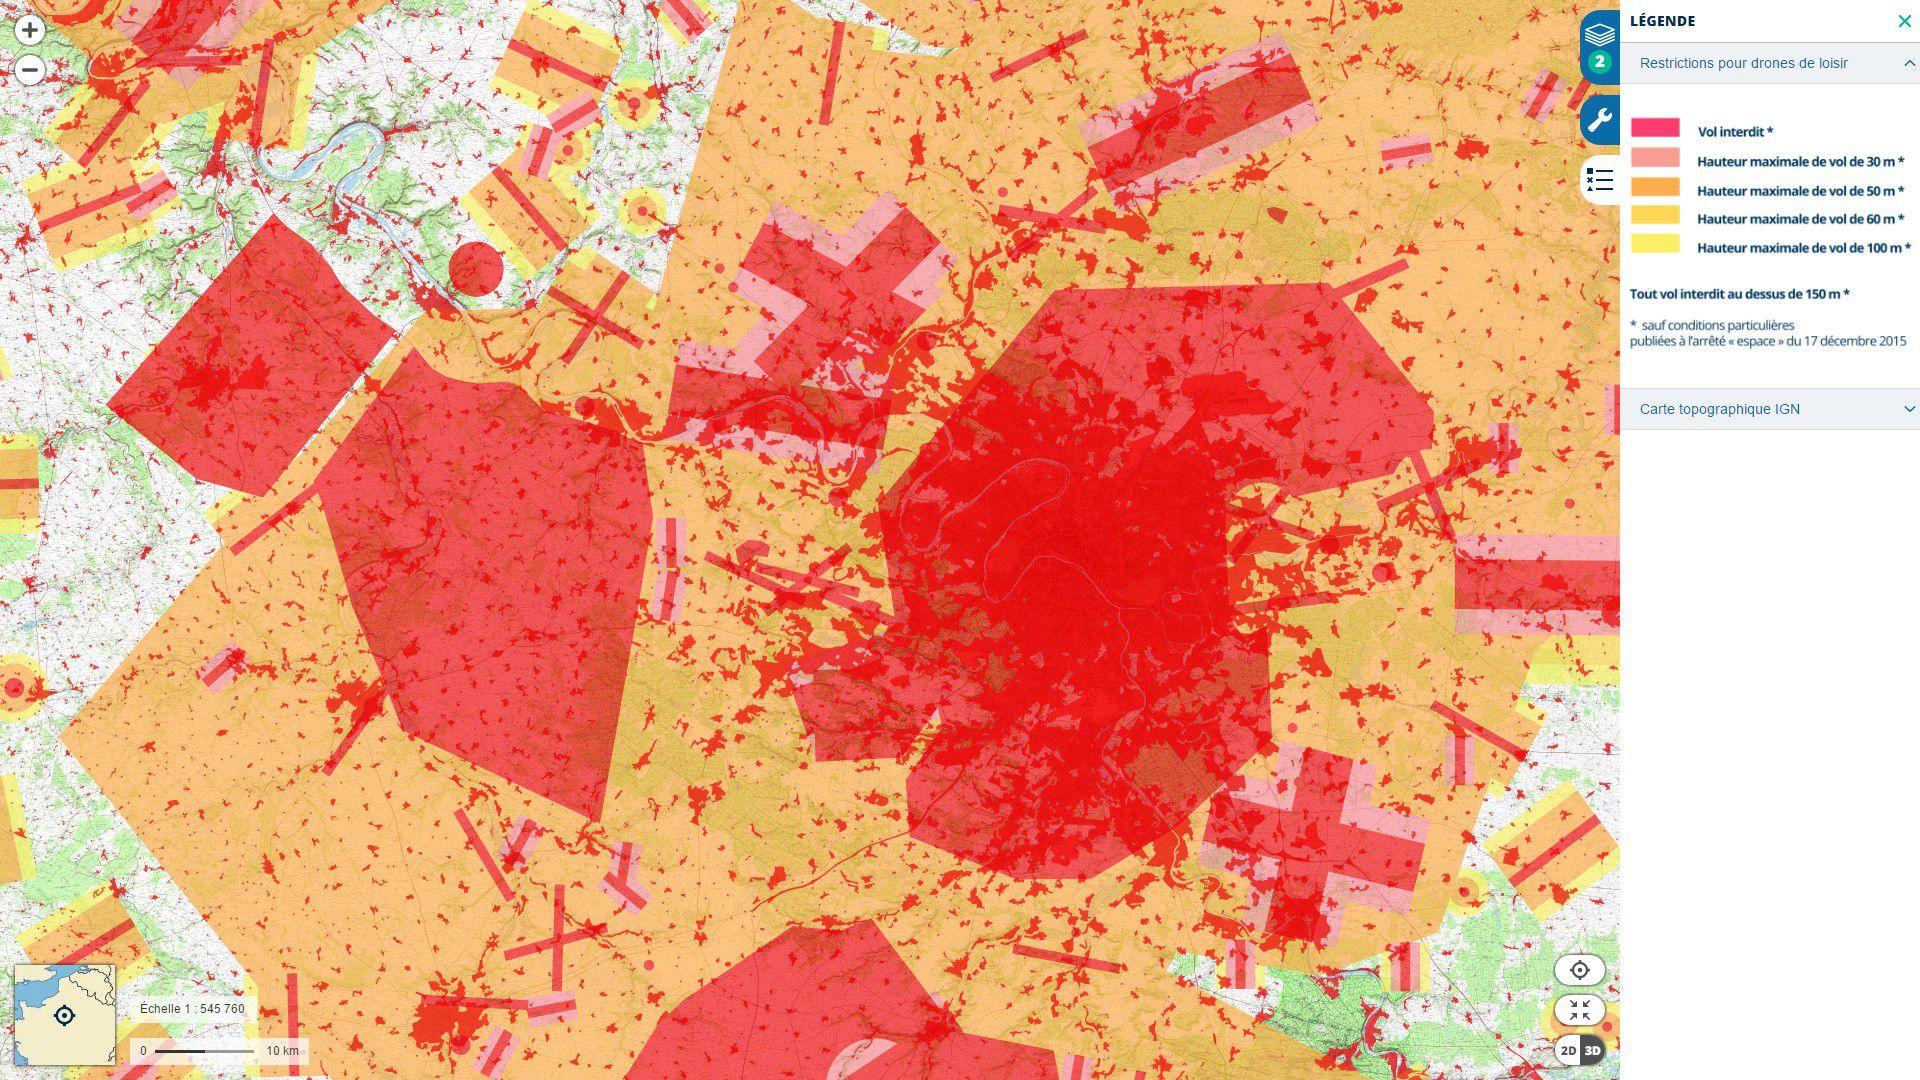 Carte Belgique Hd.Une Carte Pour Faire Voler Son Drone Sans Craindre L Amende Les